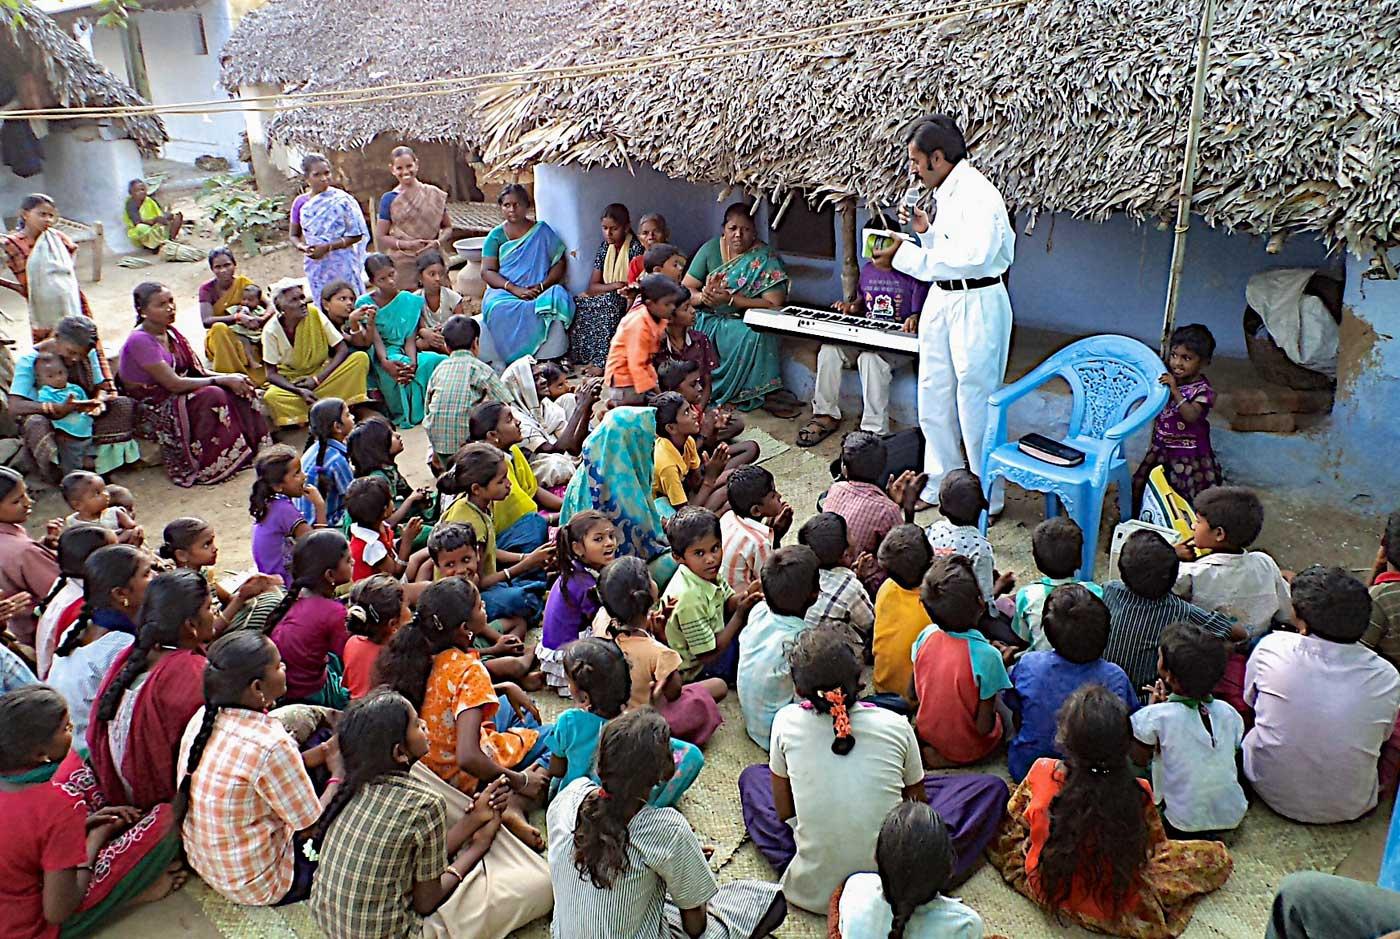 Village, evangelism